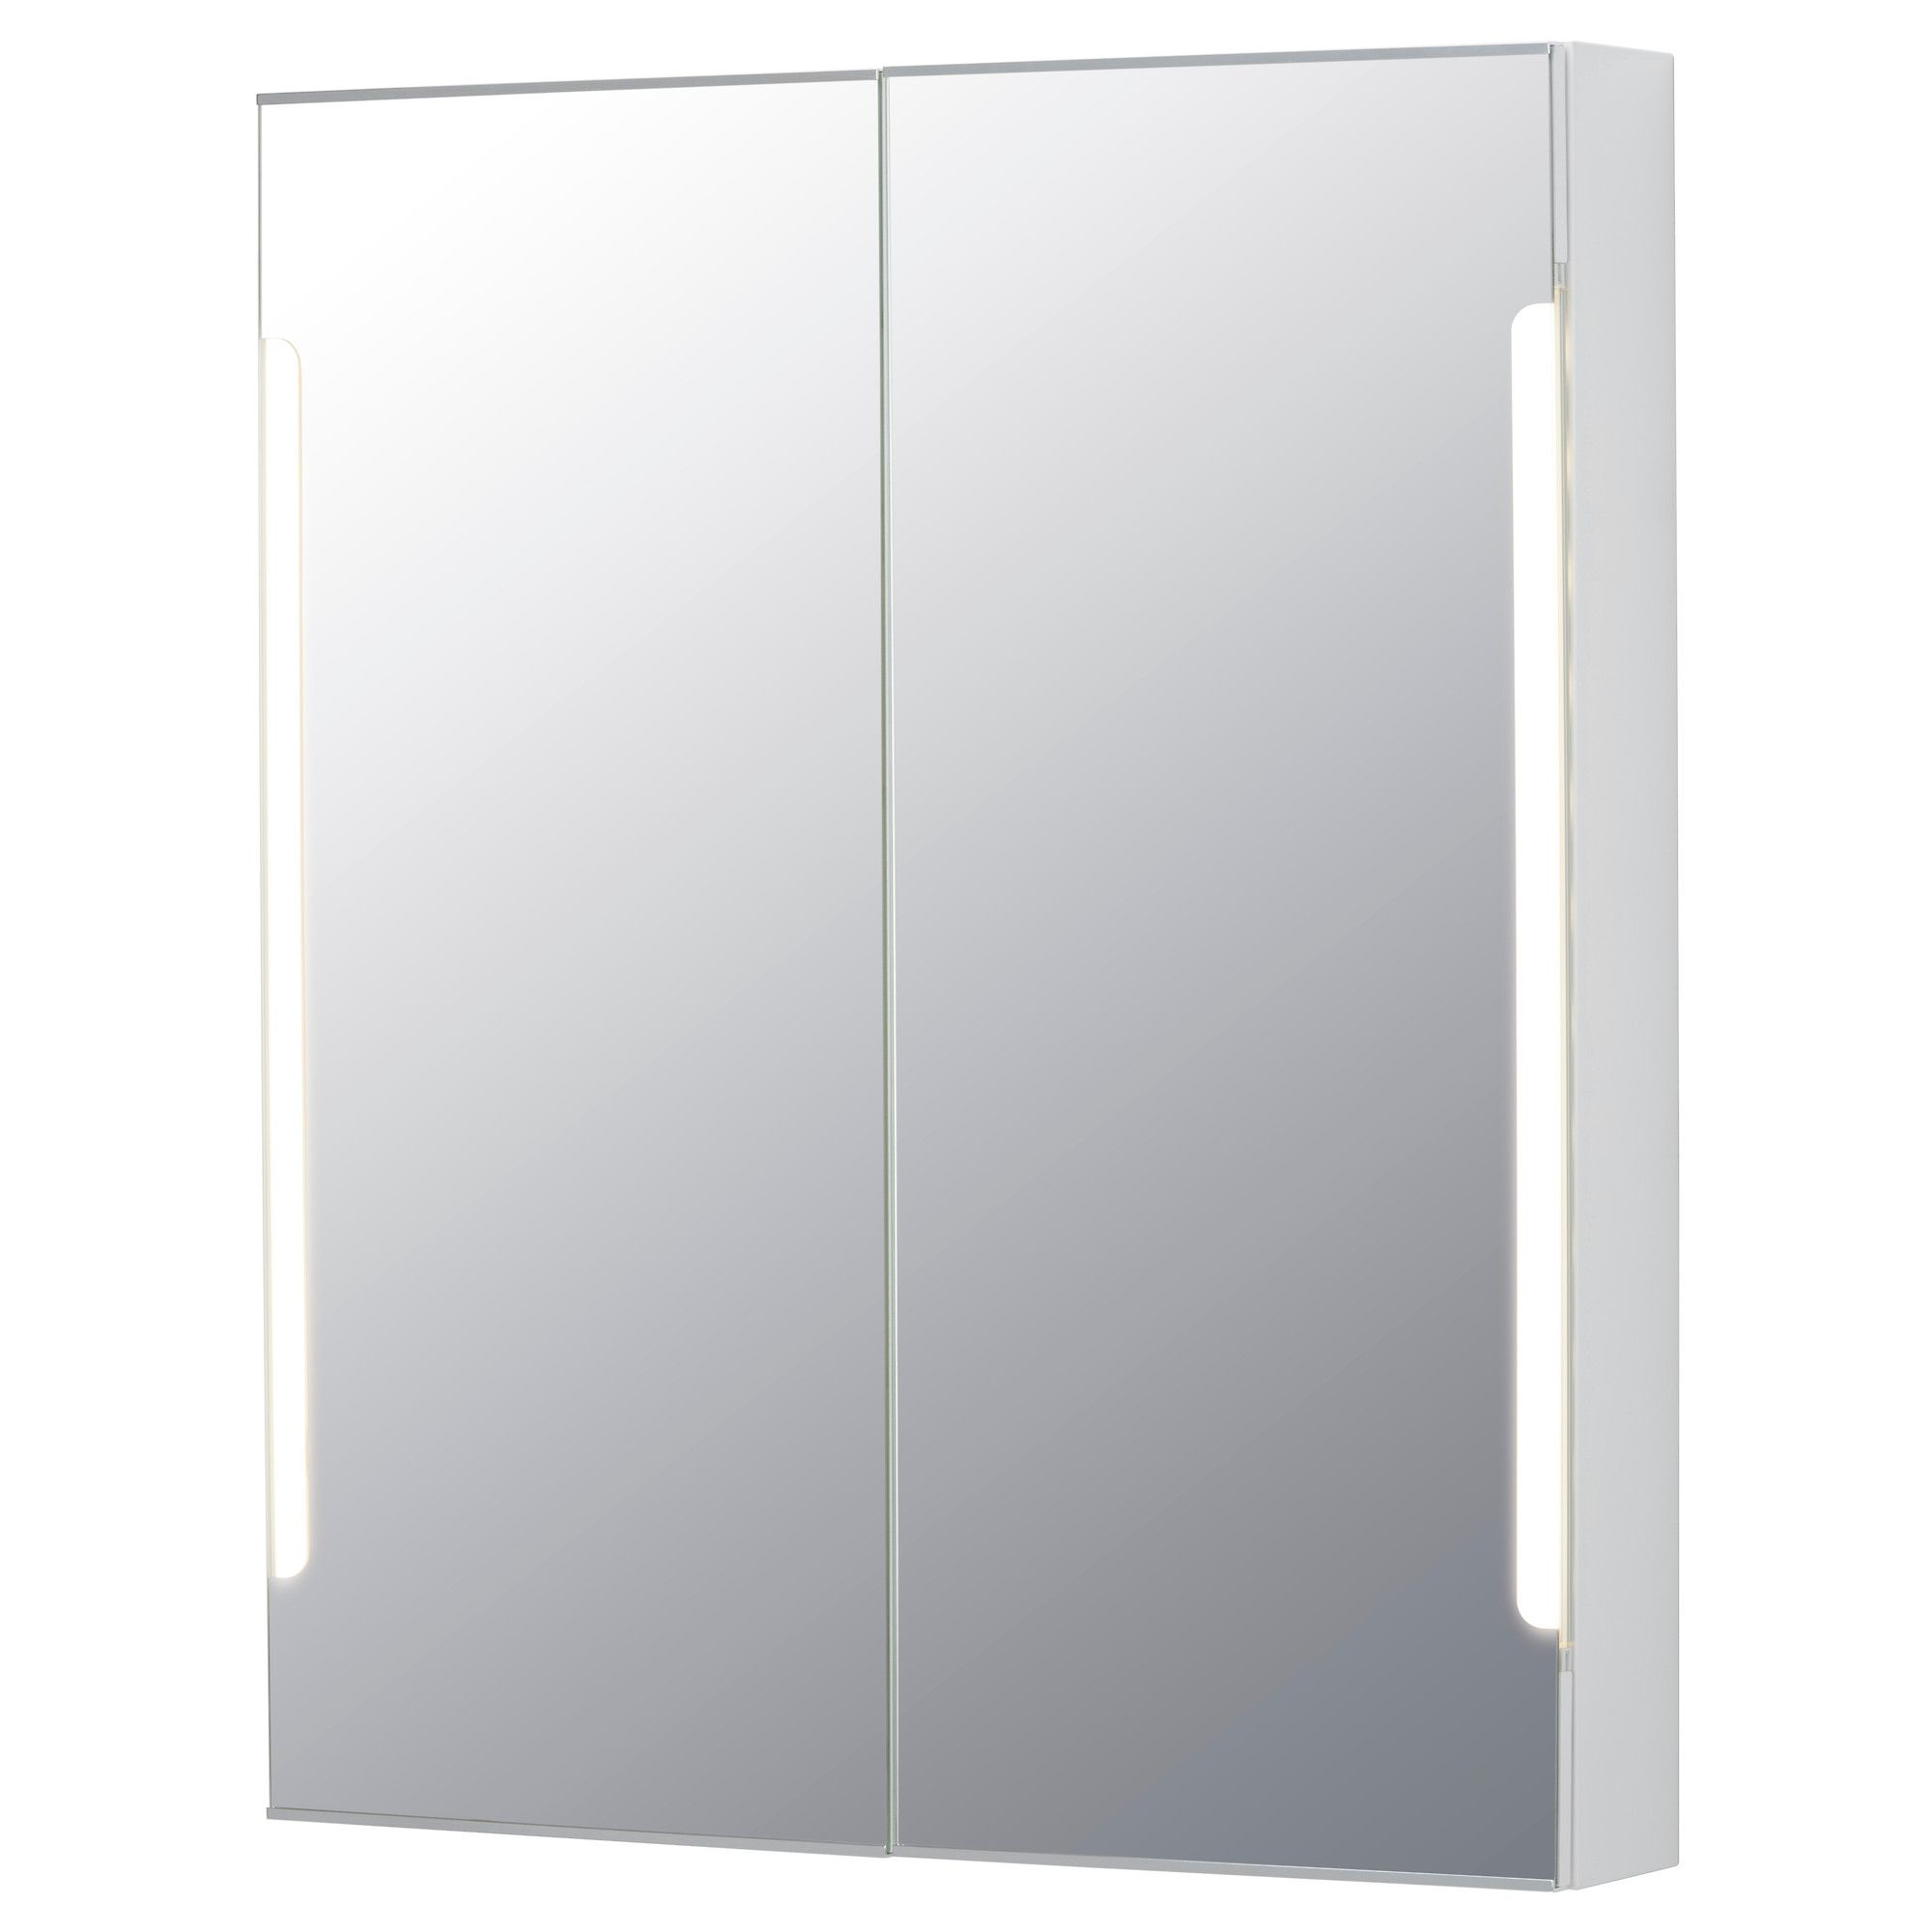 Storjorm spiegelschrank m. 2 türen int. bel.   60x14x96 cm   ikea ...